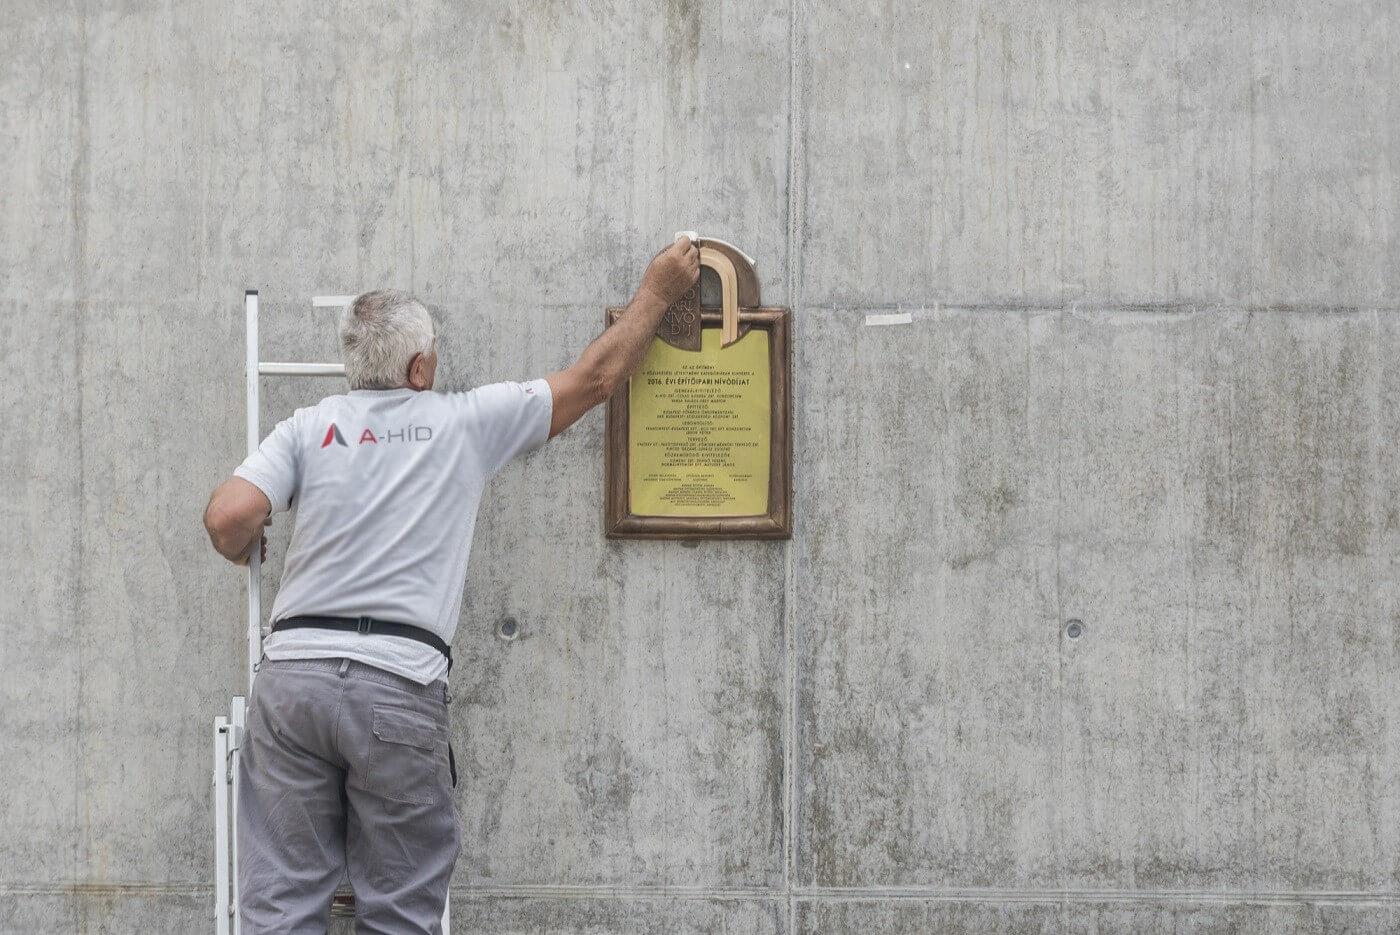 Emléktáblát kapott a Népligetnél az 1-es villamos meghosszabbítása